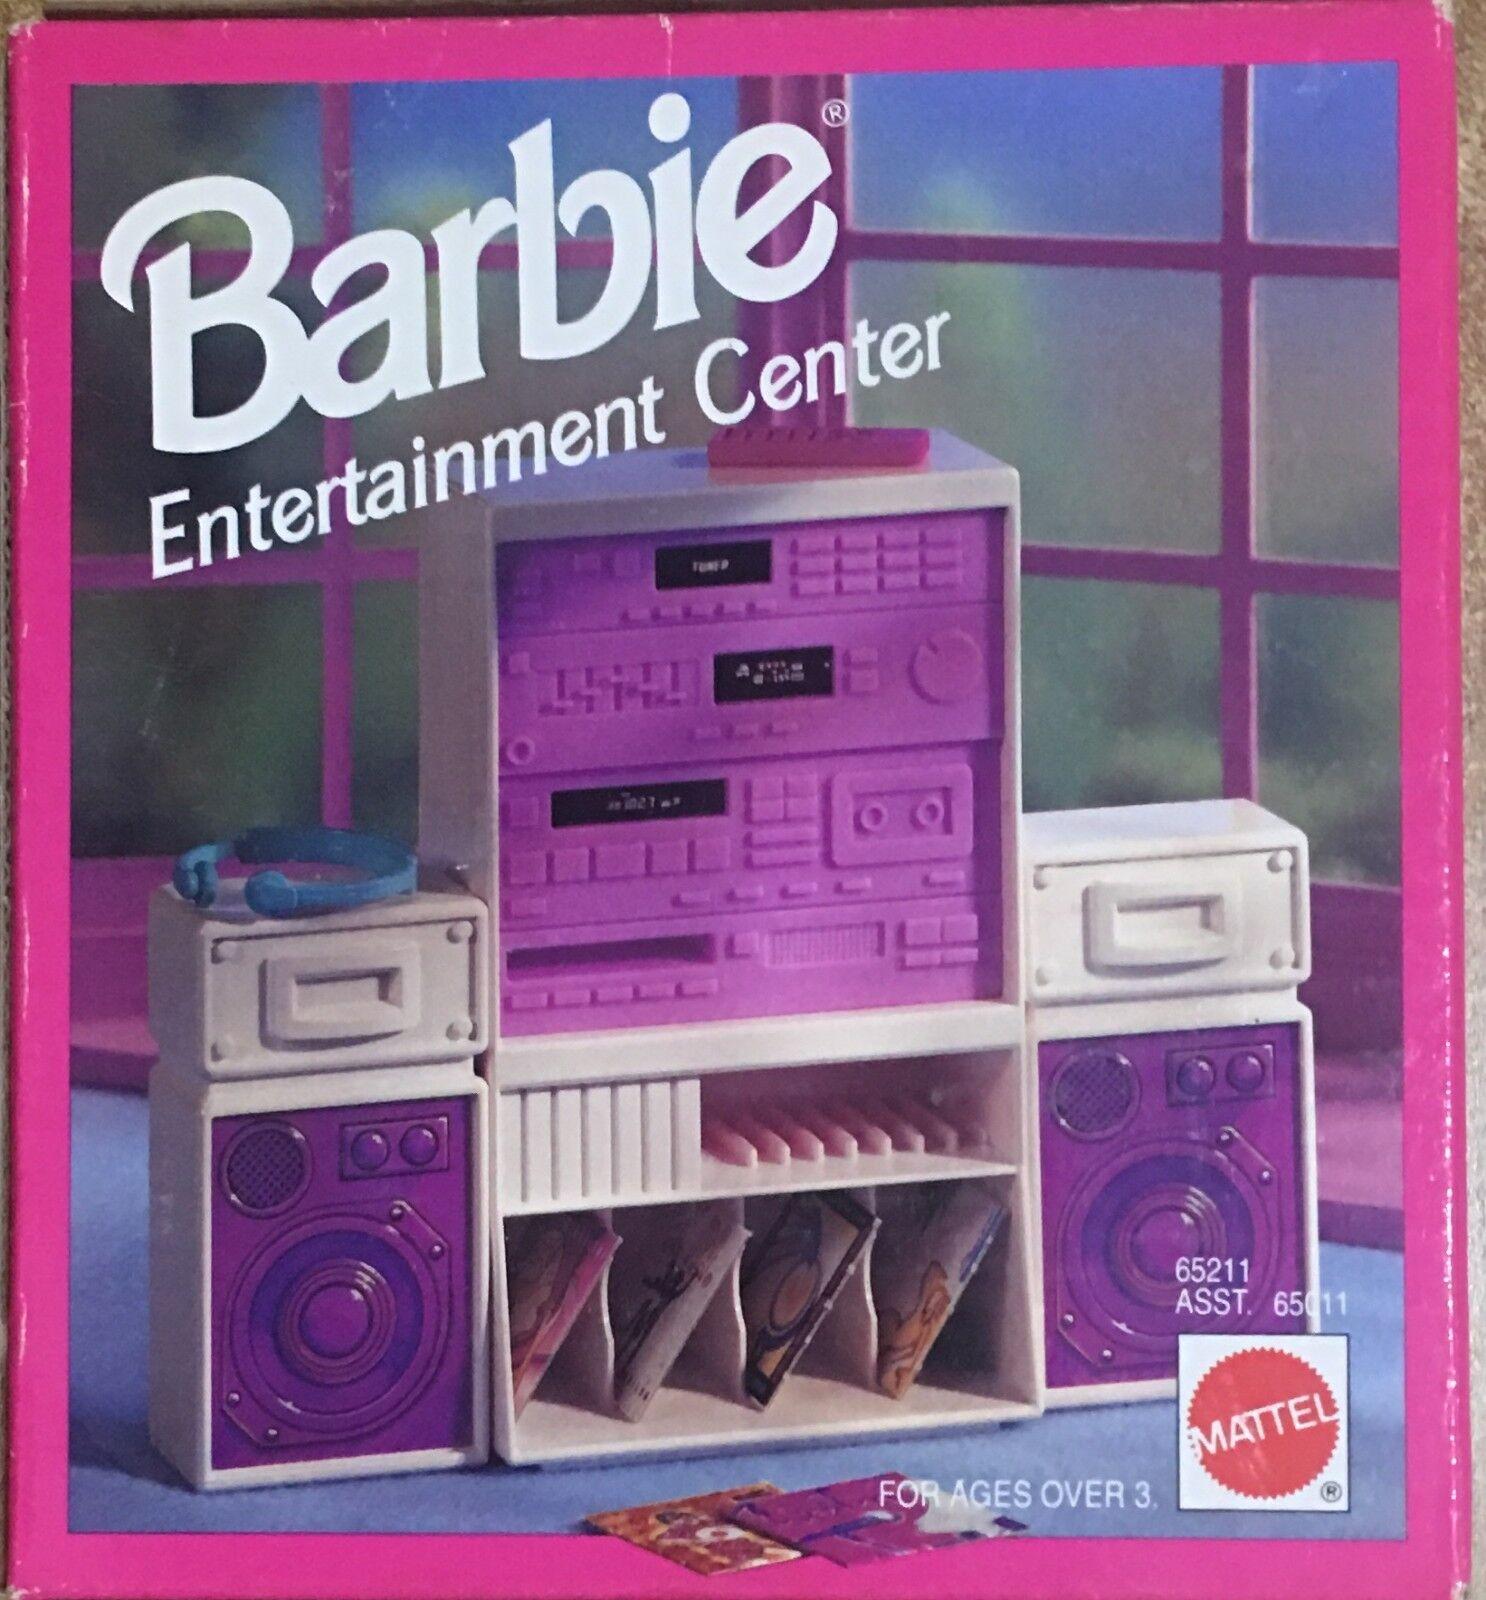 Barbie Mattel Entertainment Center RARO RARO RARO  2eda42